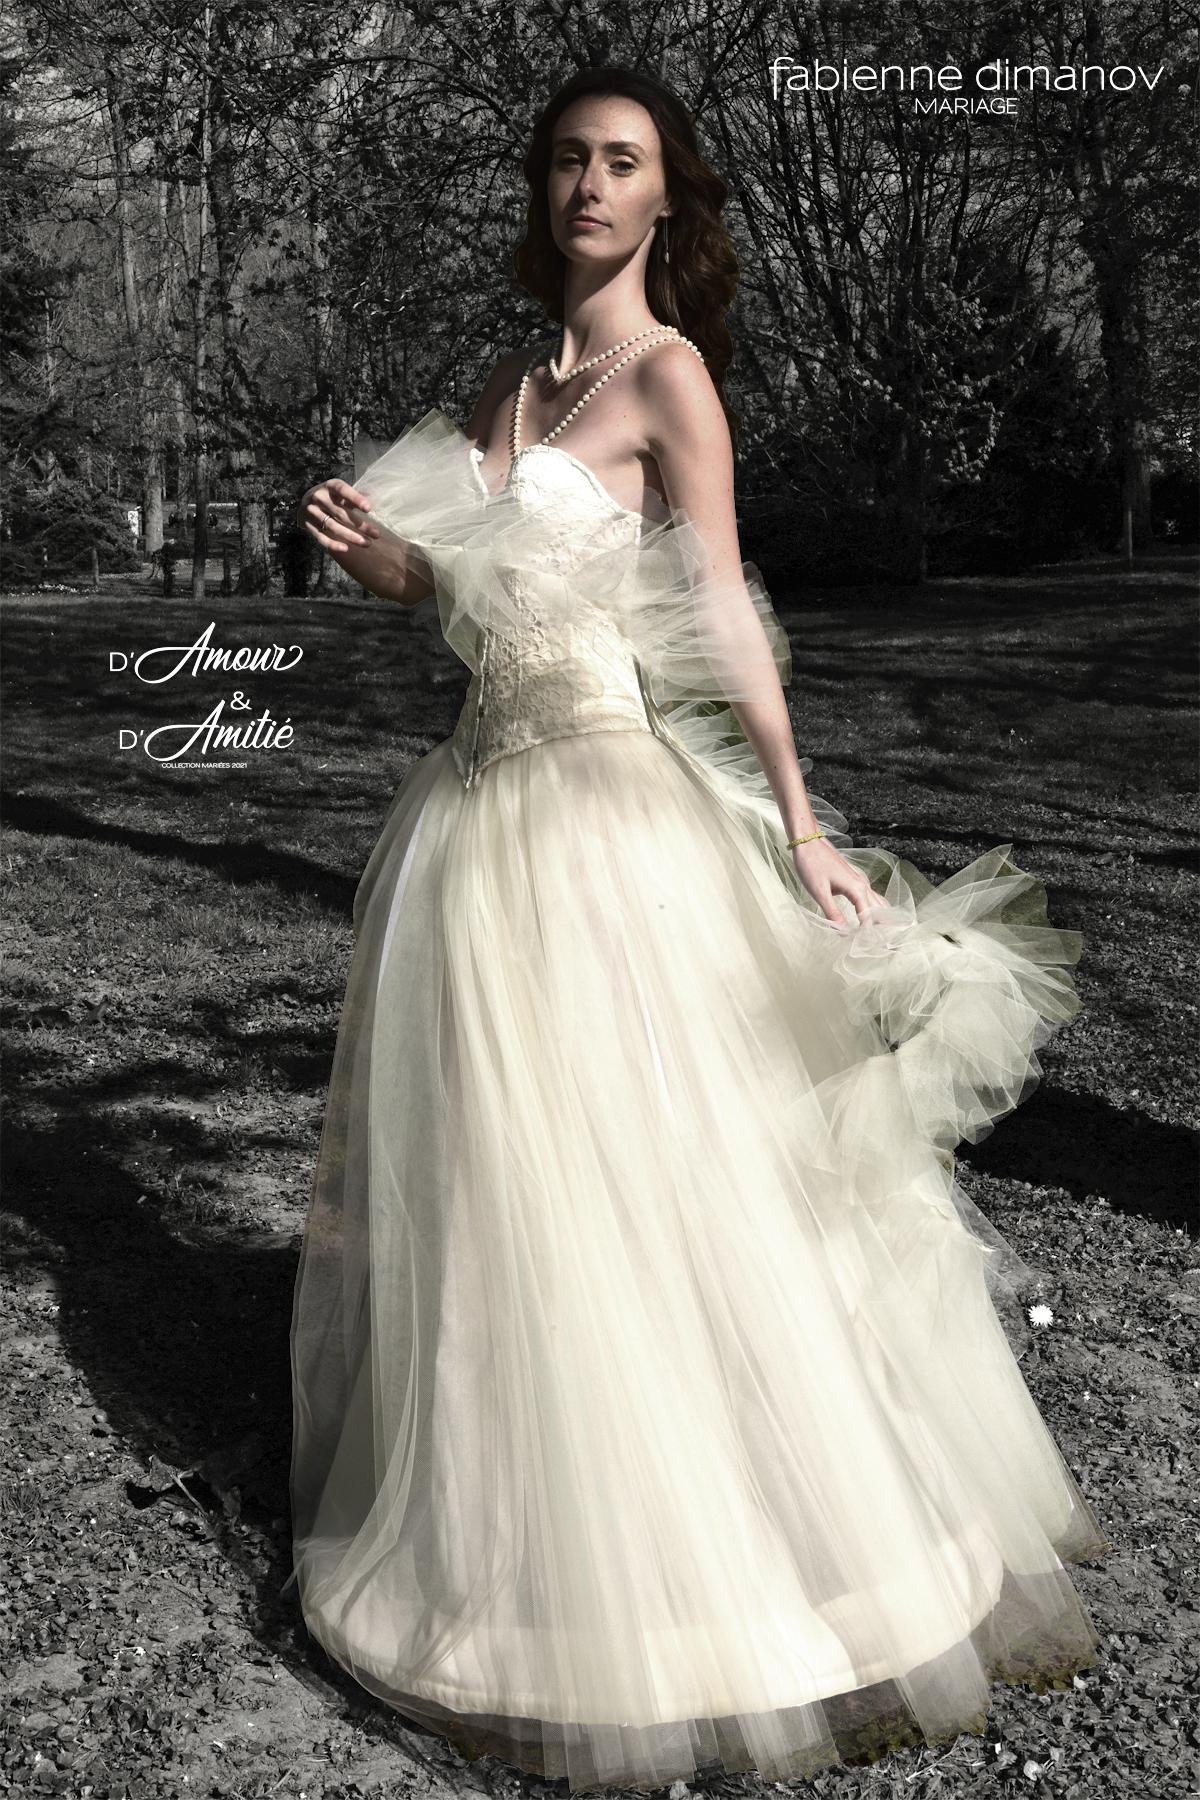 Robe de mariées corset princesse sur mesure - création unique personnalisée - D'Amour & D'Amitié - Fabienne Dimanov Mariage